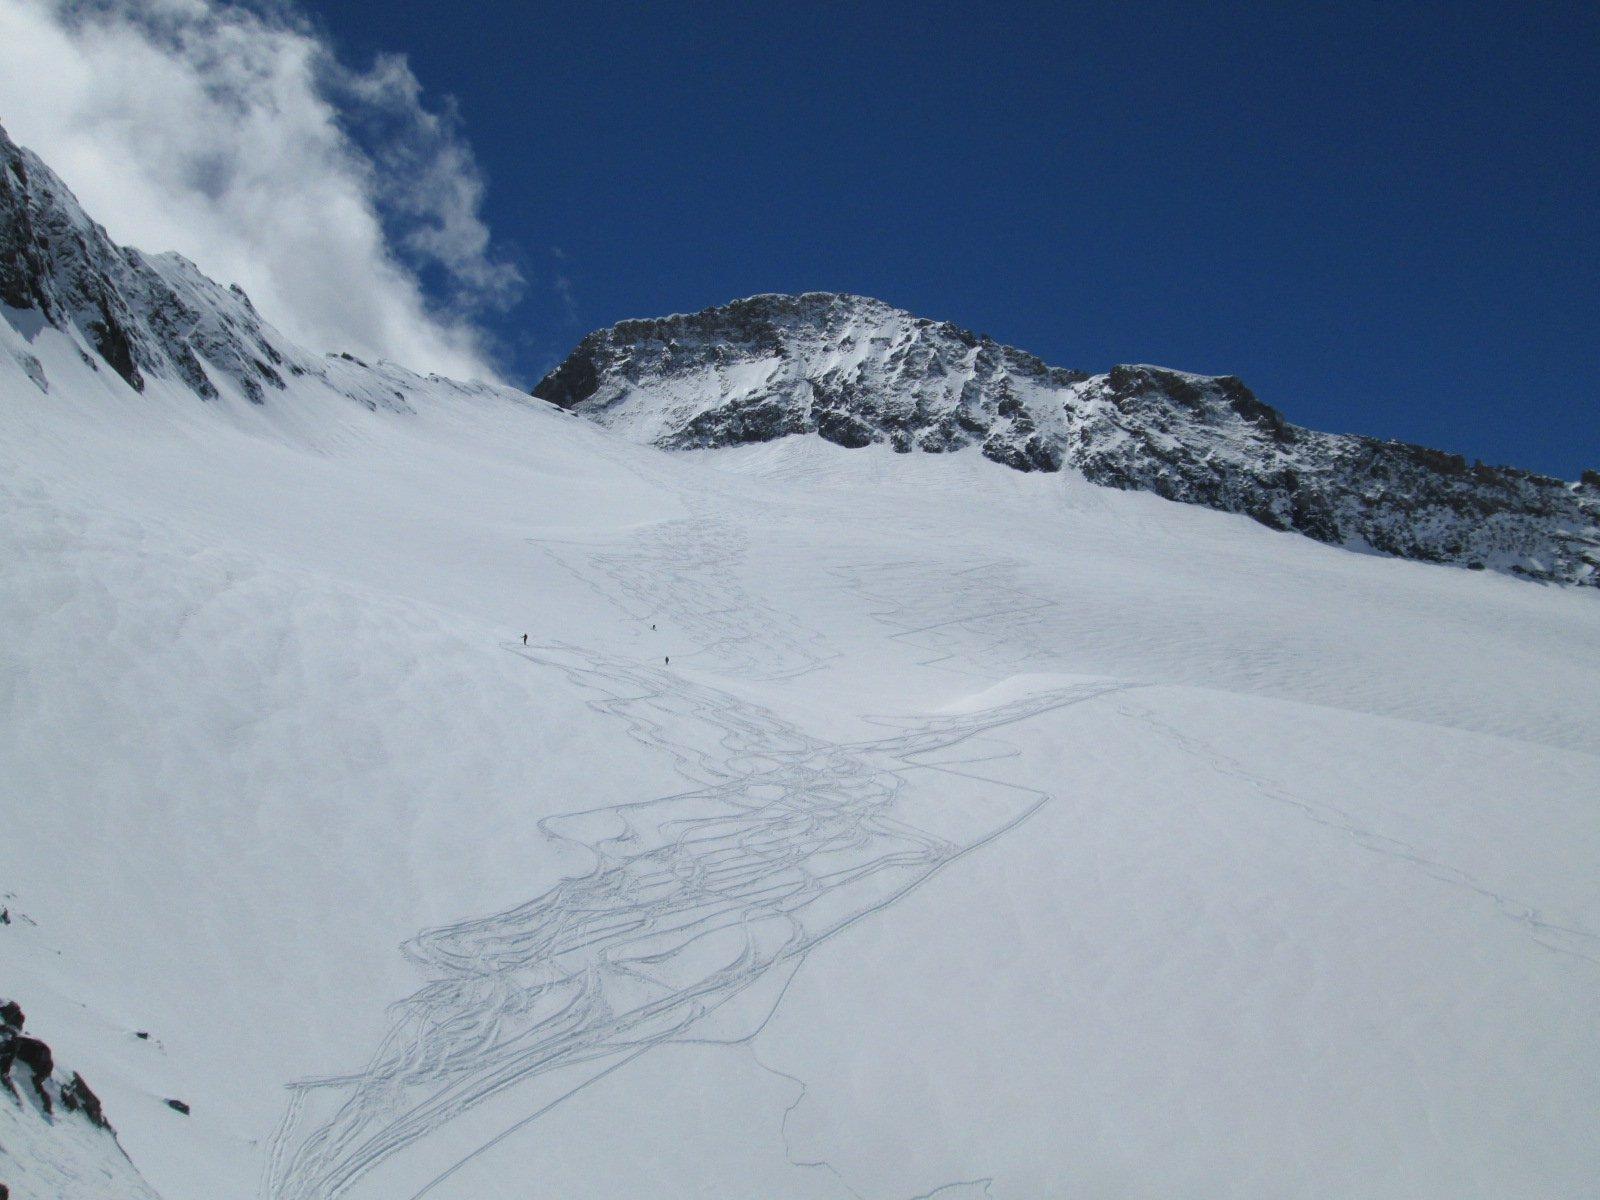 tracce di discesa sul ghiacciaio